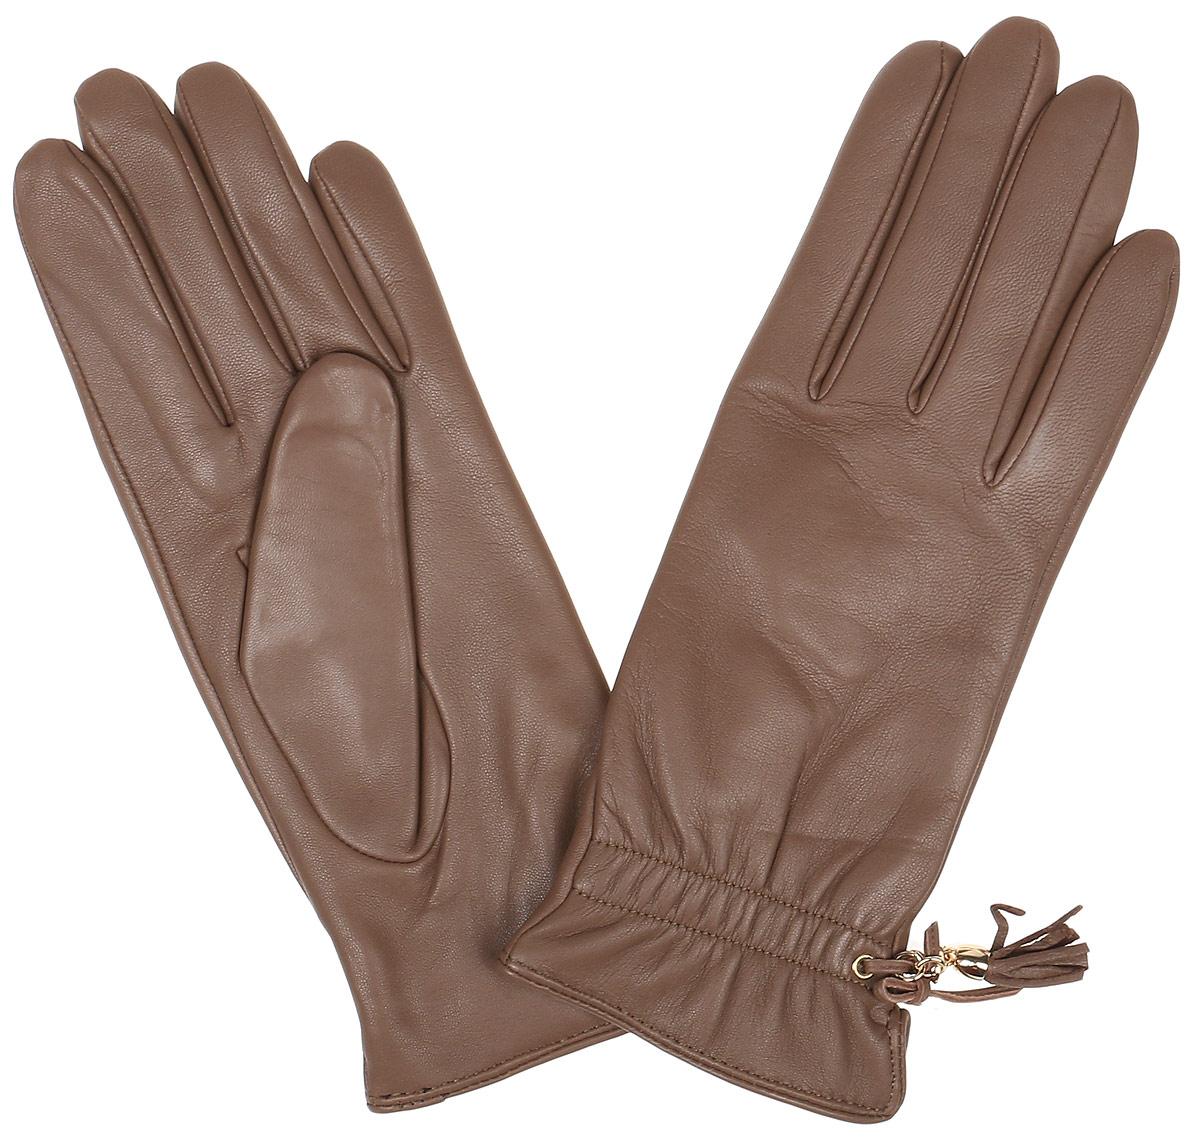 Перчатки12.37-1 blackЭлегантные женские перчатки Fabretti станут великолепным дополнением вашего образа и защитят ваши руки от холода и ветра во время прогулок. Перчатки выполнены из натуральной кожи ягненка, подкладка - из шерсти и кашемира. Модель декорирована оригинальным бантиком и кожаной кисточкой. Такие перчатки будут оригинальным завершающим штрихом в создании современного модного образа, они подчеркнут ваш изысканный вкус и станут незаменимым и практичным аксессуаром.